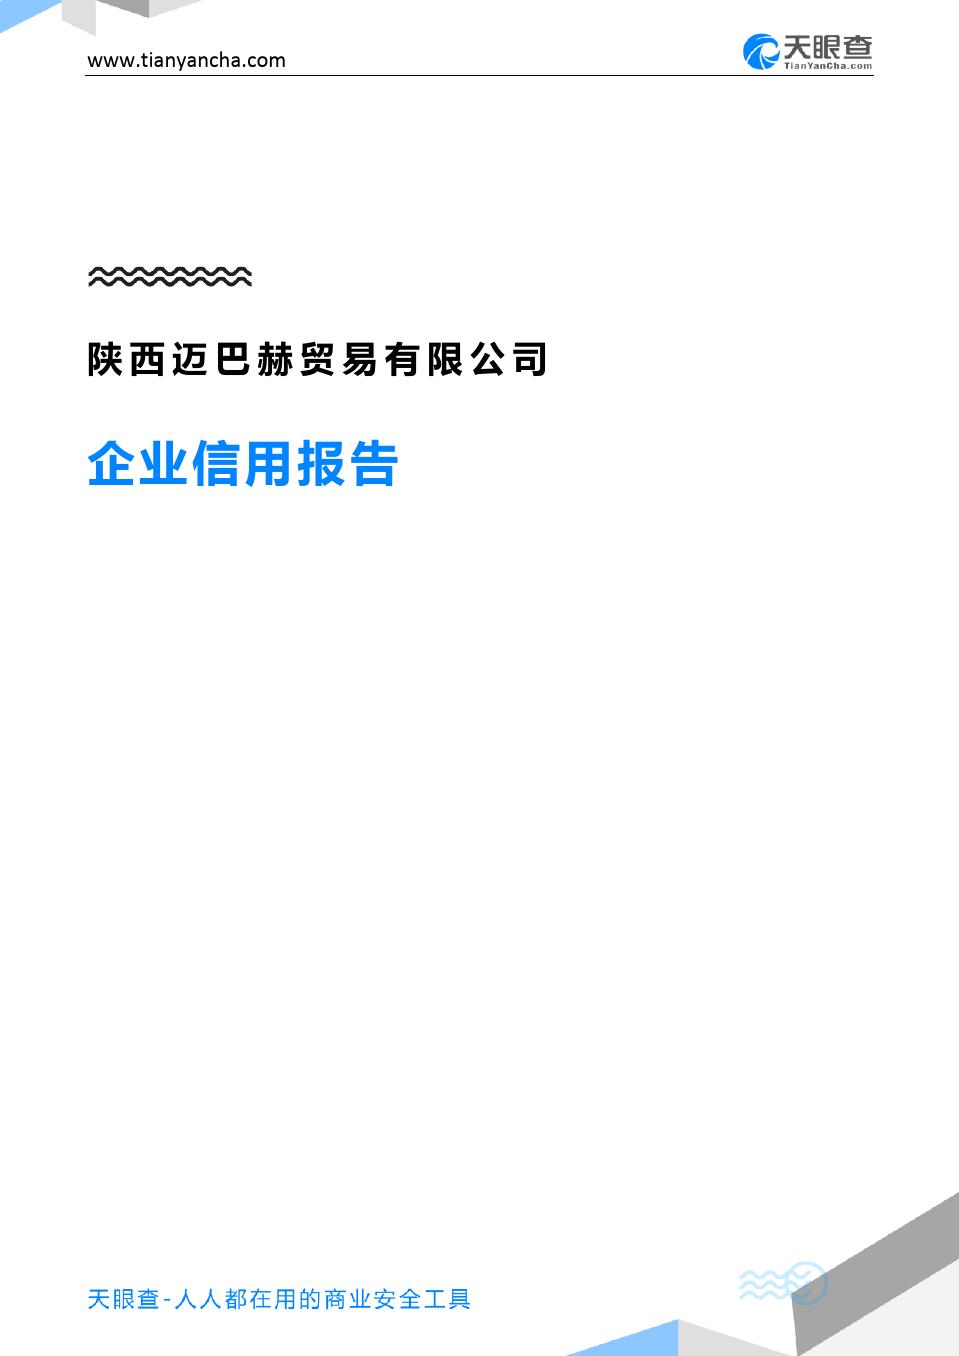 陕西迈巴赫贸易有限公司(企业信用报告)- 天眼查